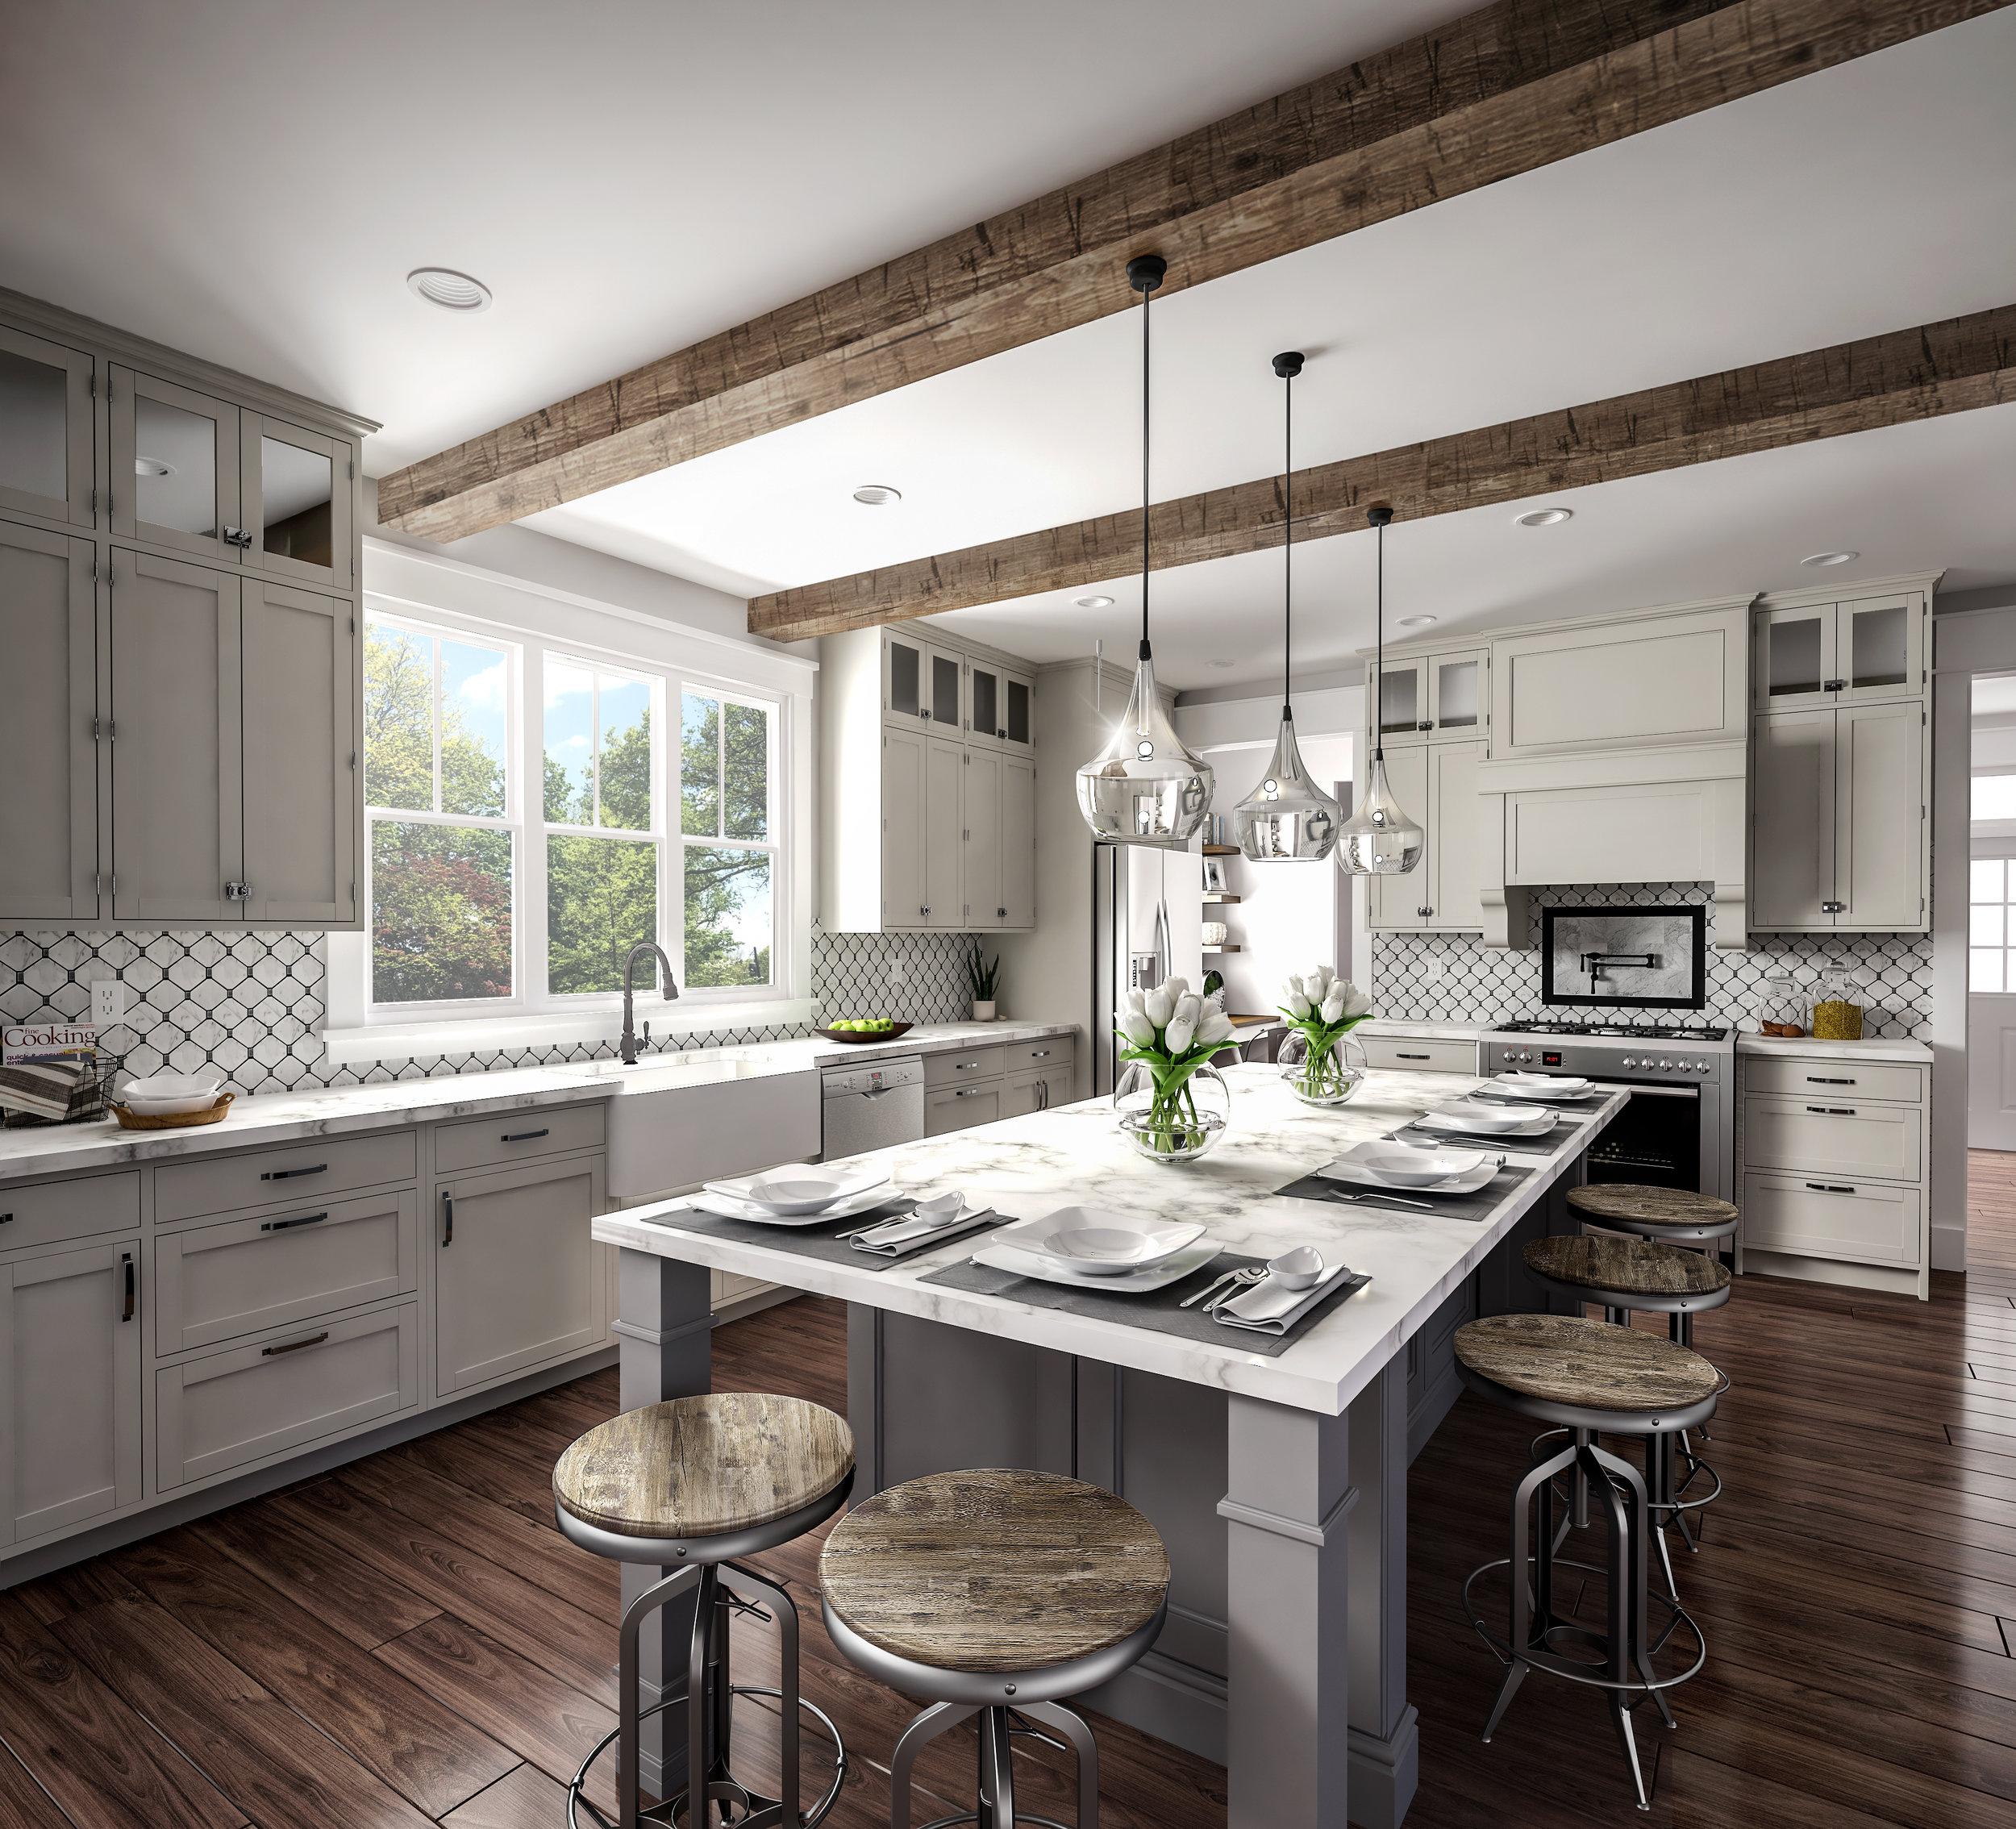 Sandy Ridge_Kitchen View_Final_C.jpg